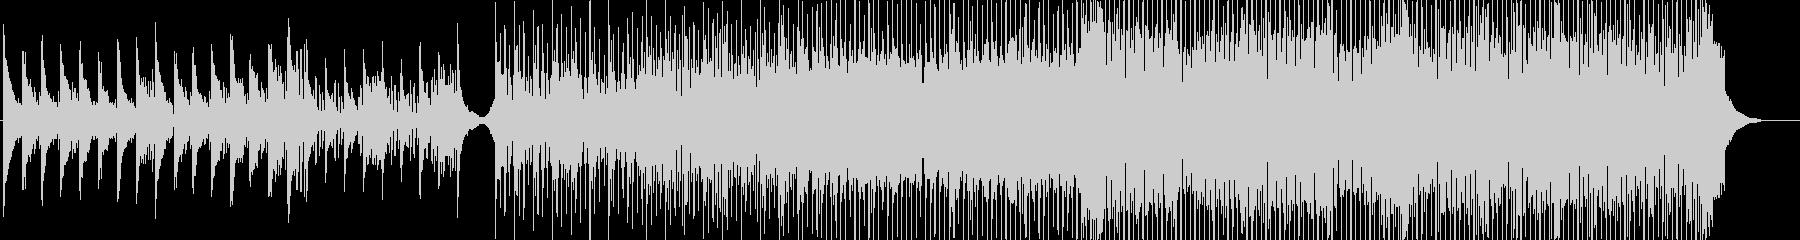 ジャズのEDMです。の未再生の波形